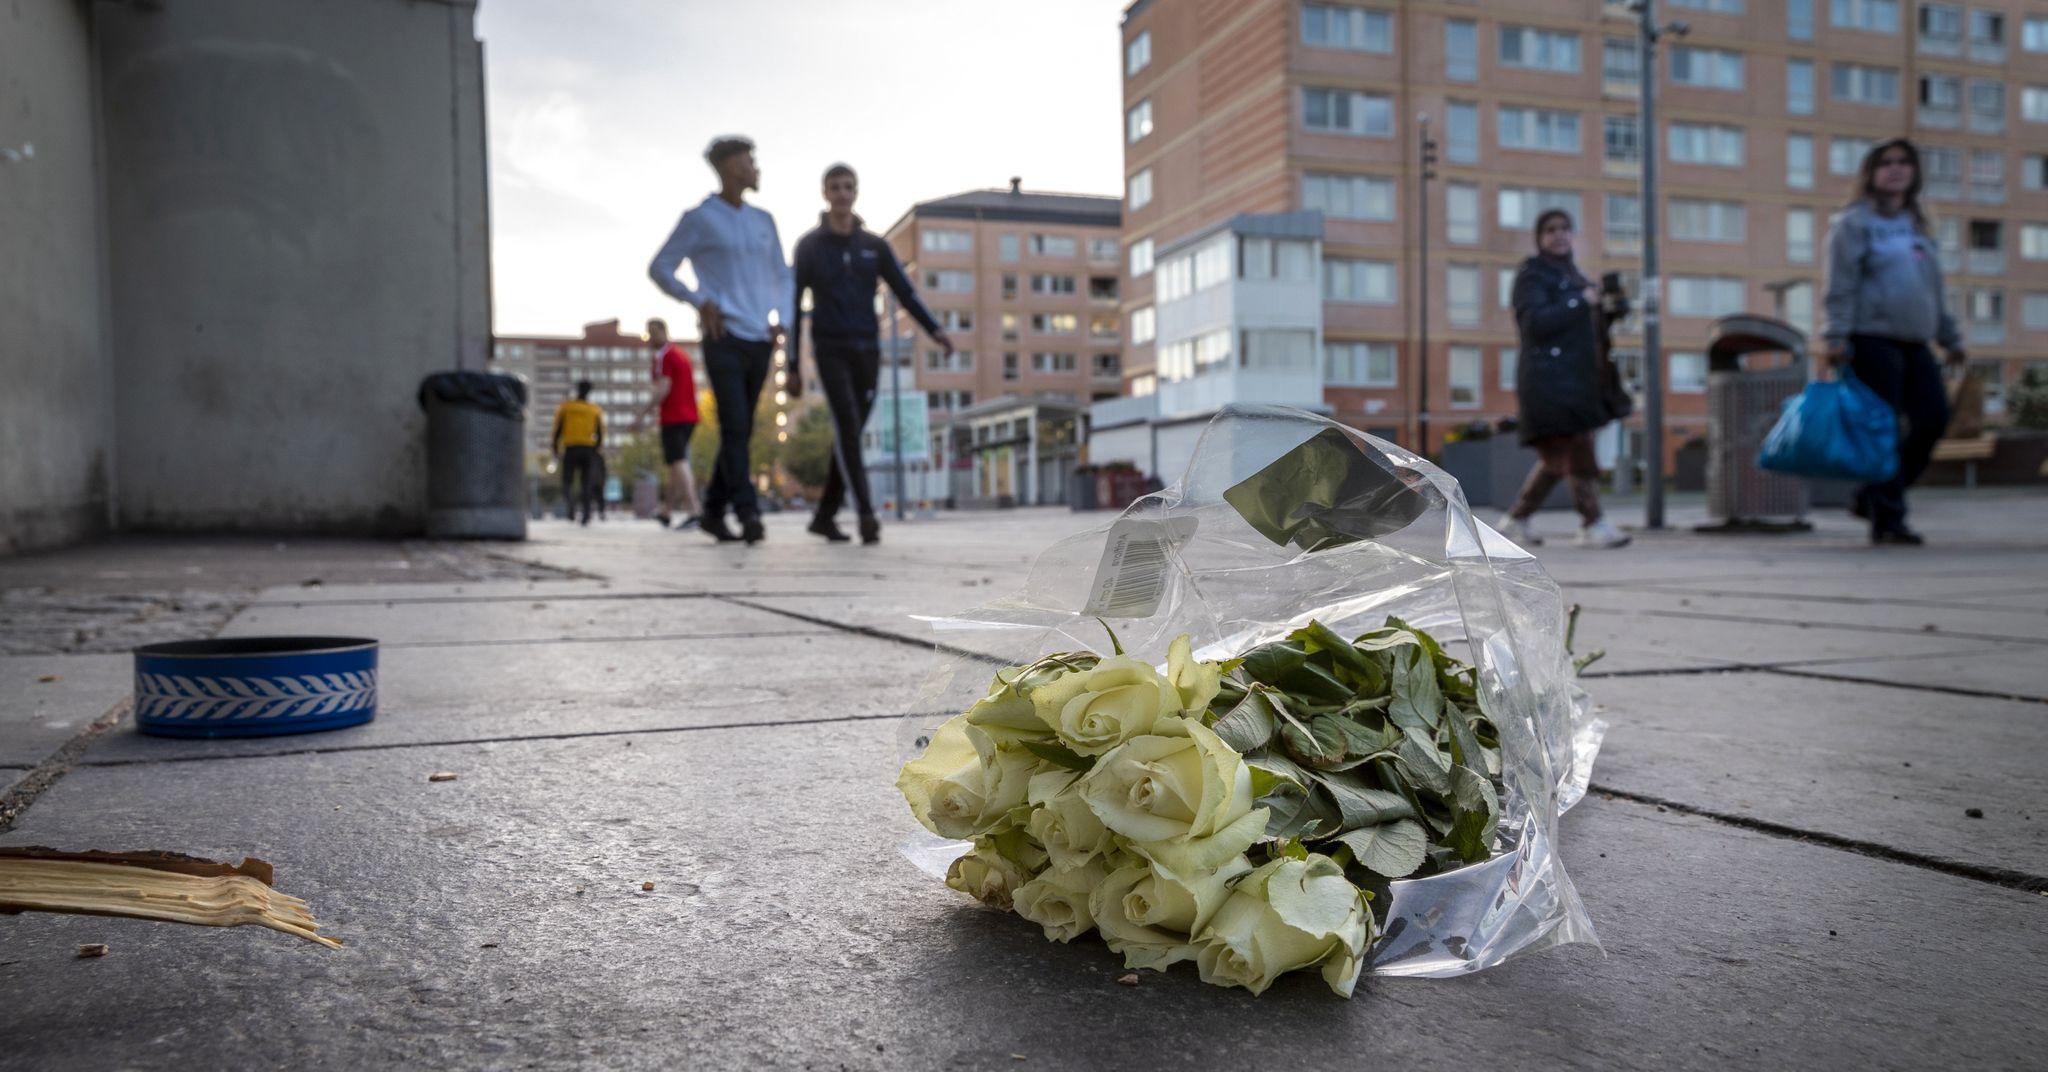 I den svenske forstaden styrer klanene. Da rundt 100 menn gikk løs på hverandre, fryktet naboene krig.